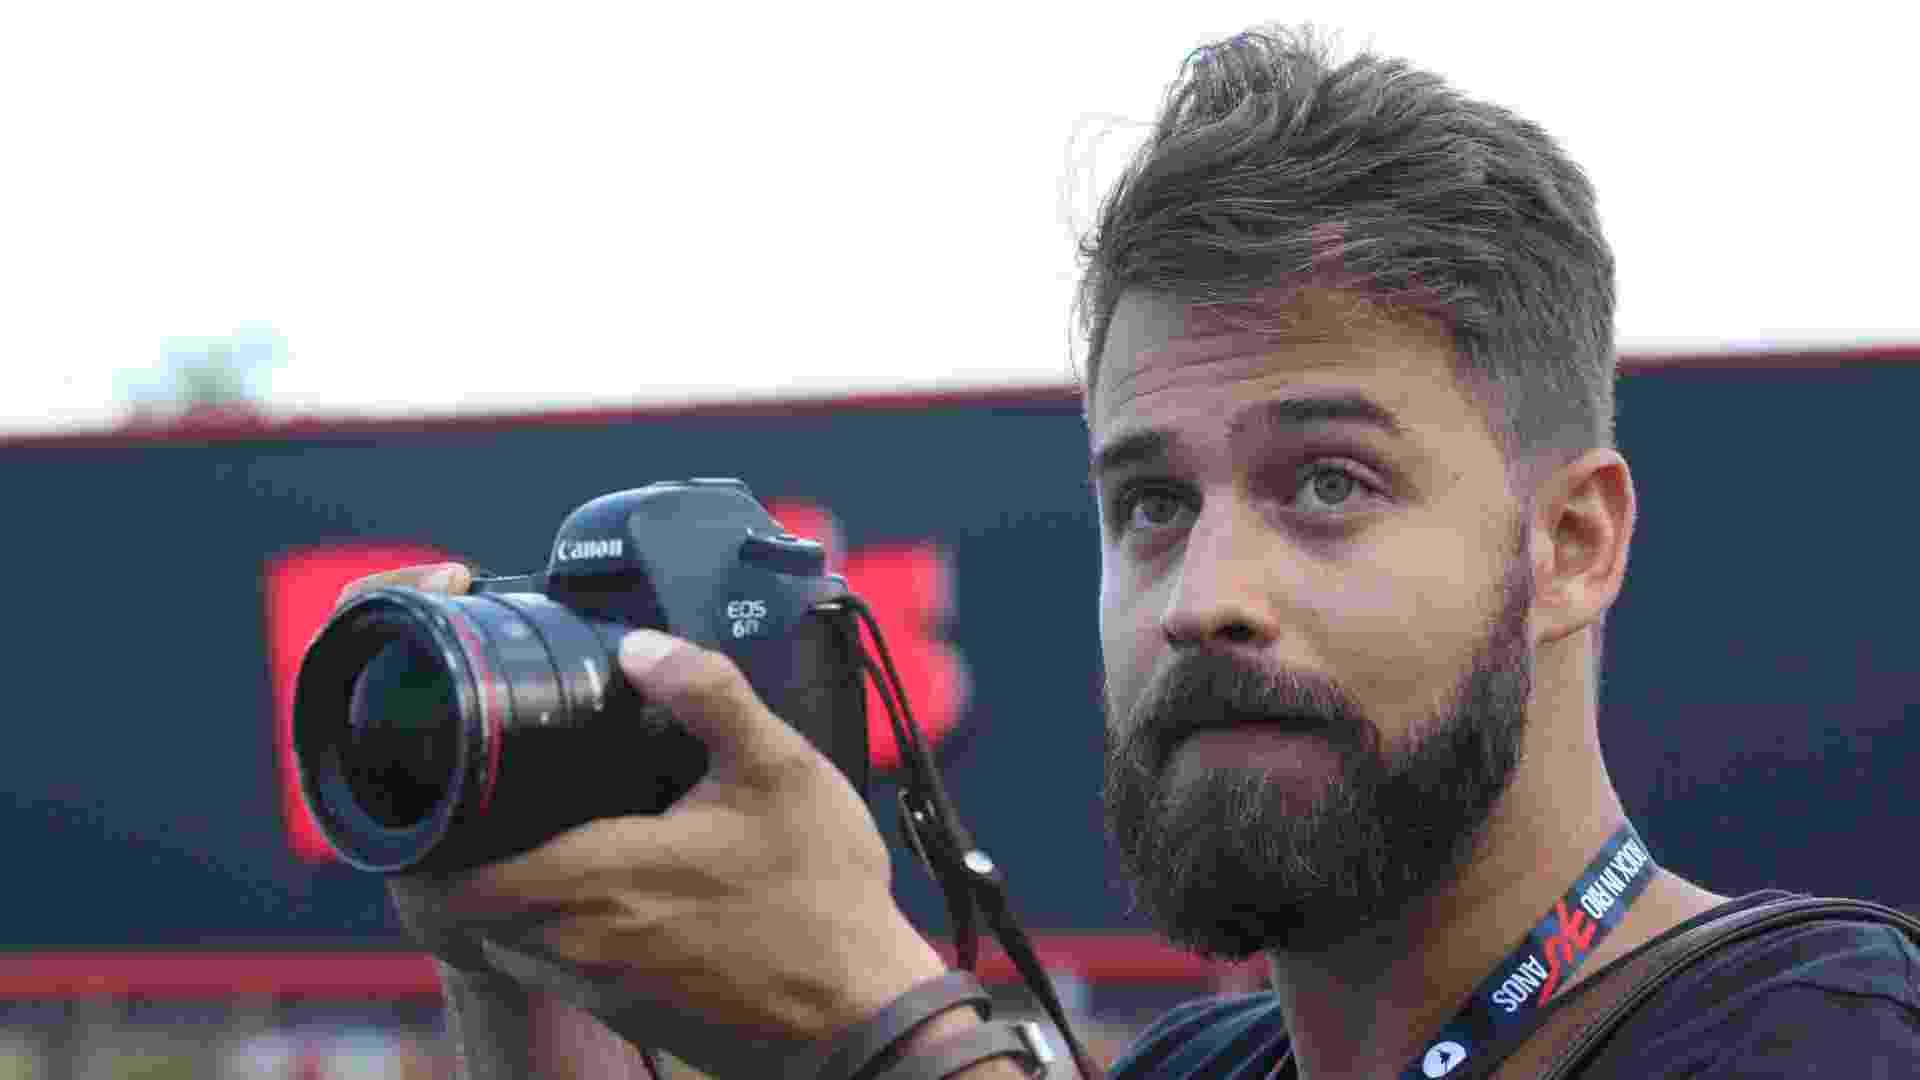 27.set.2015 - Os gatos não estão só no público, o Rock in Rio 2015 tem fotógrafo gato também. - Marco Antonio Teixeira/UOL